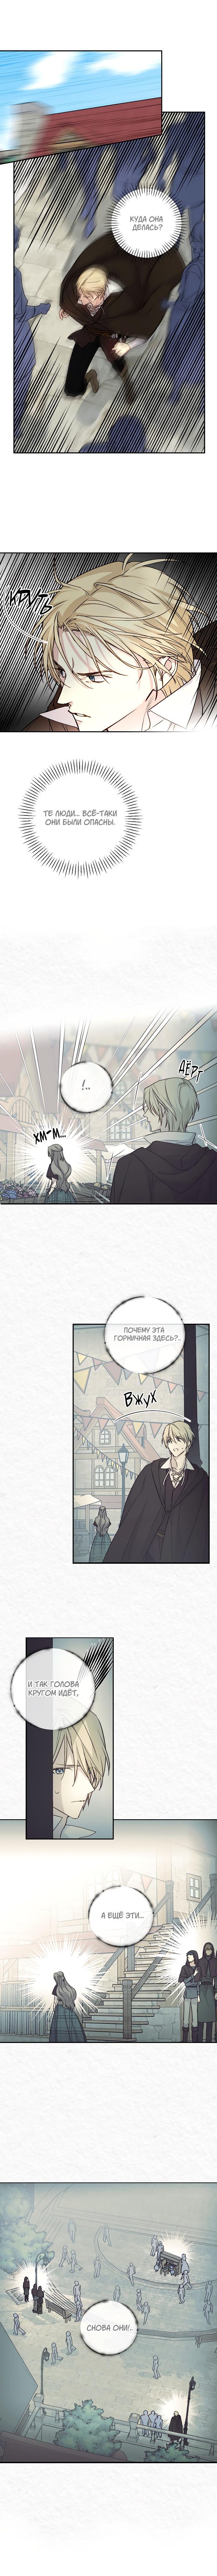 Манга Способная горничная / Capable maid  - Том 1 Глава 31 Страница 5